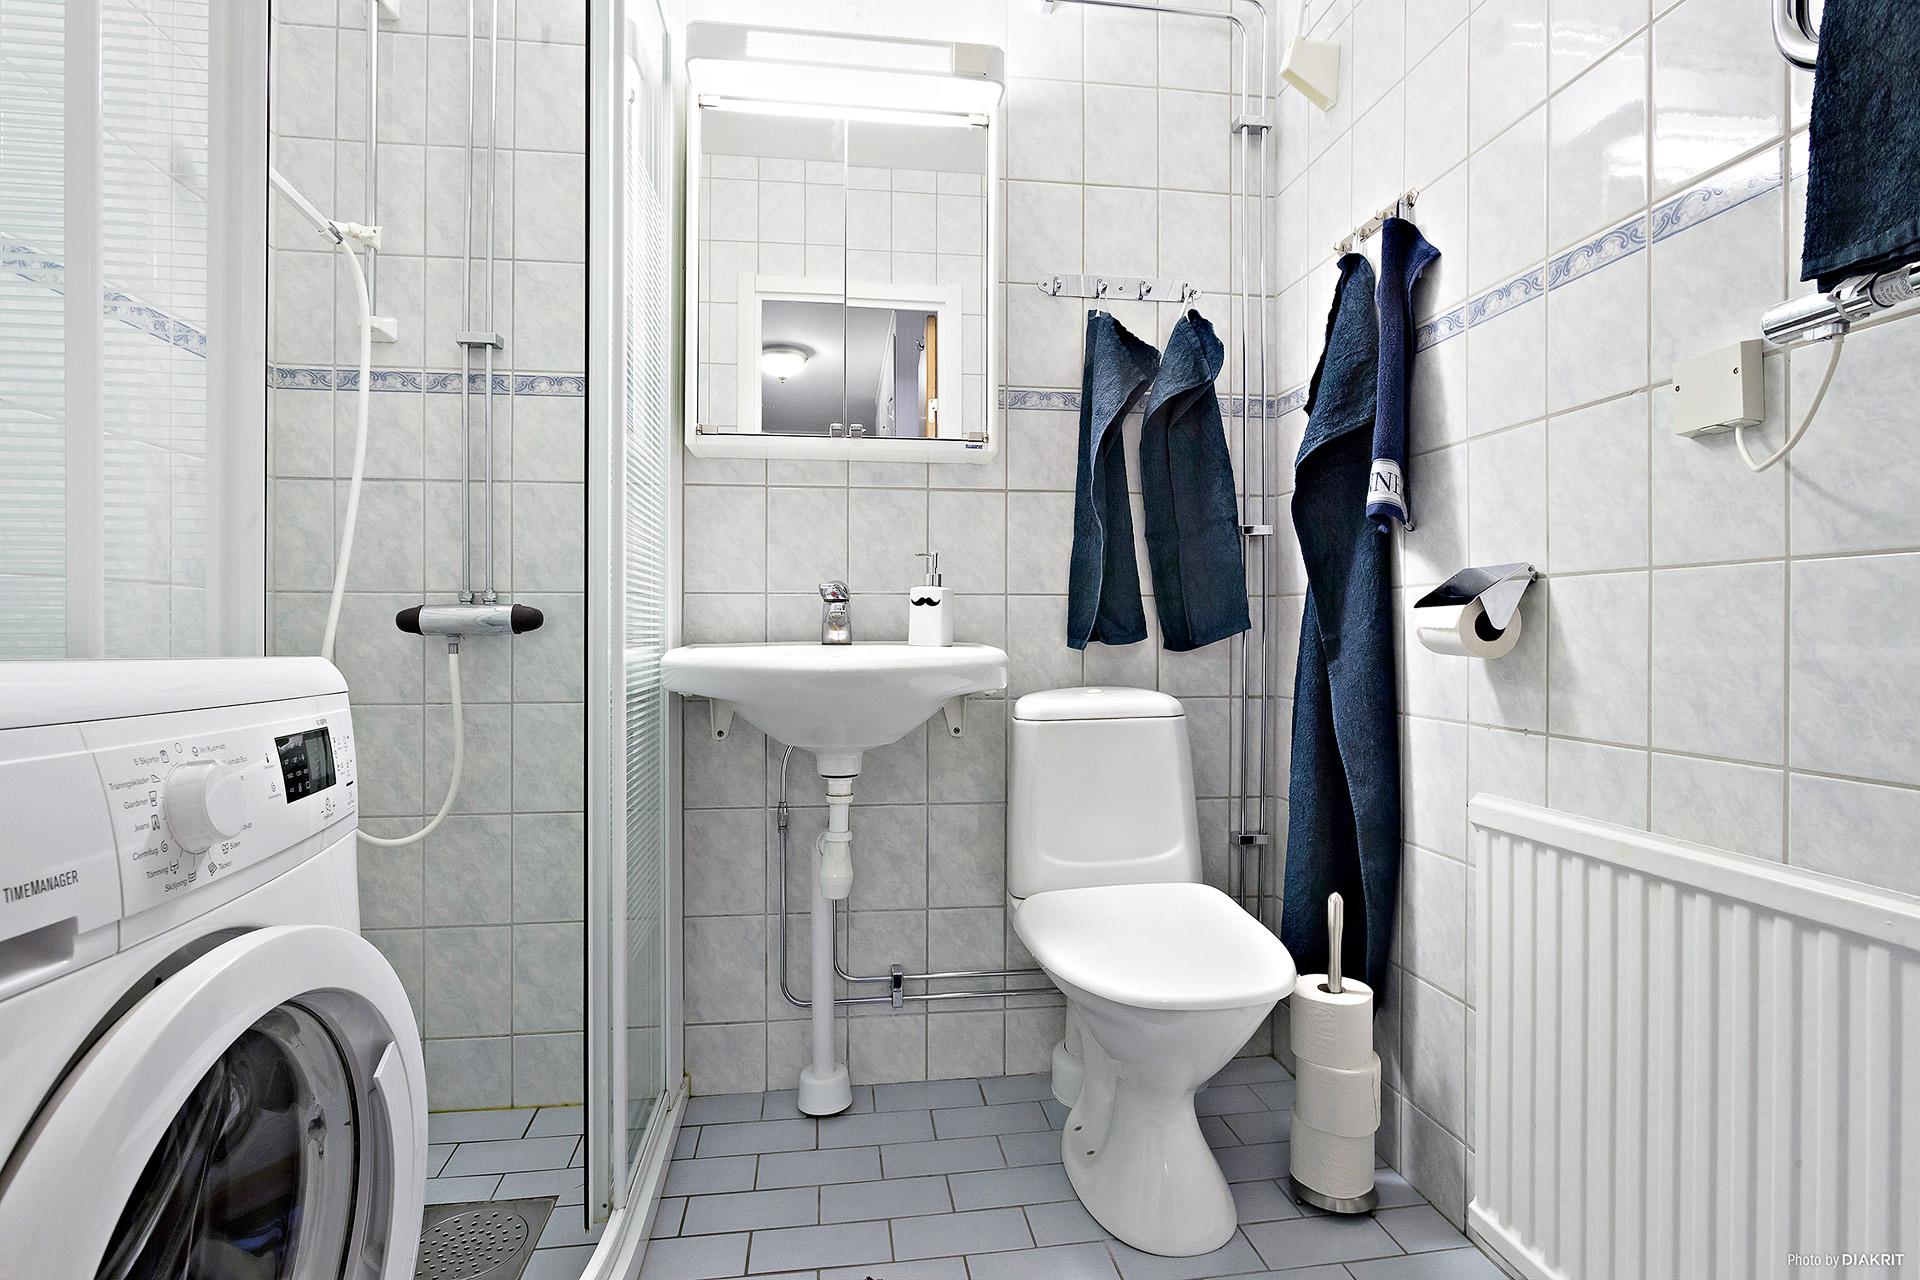 Duschrum med elgolvvärme, handdukstork och tvättmaskin.